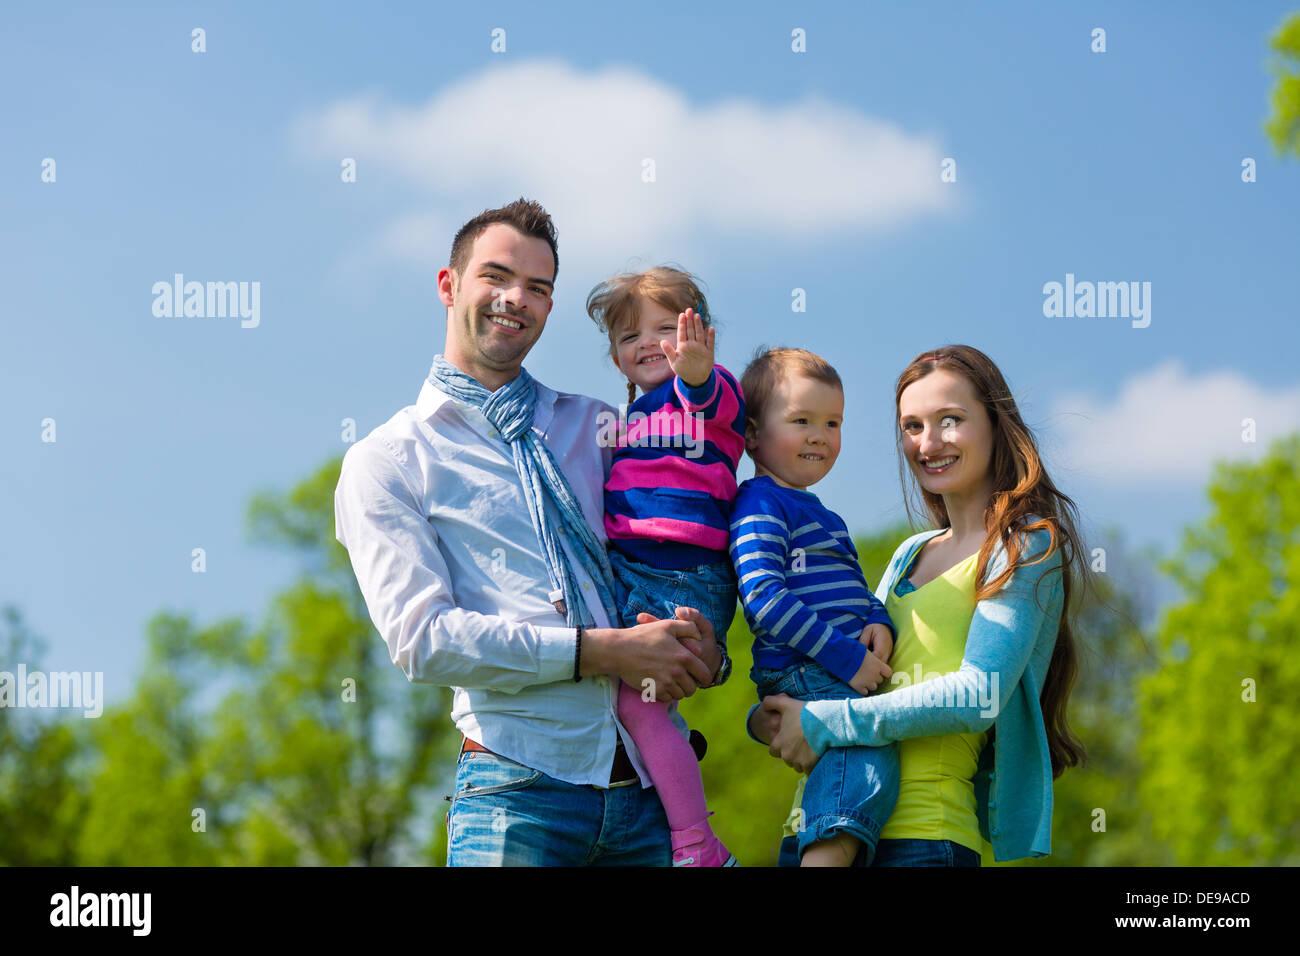 Famille heureuse avec sa fille et son fils marchant sur une prairie en été Banque D'Images